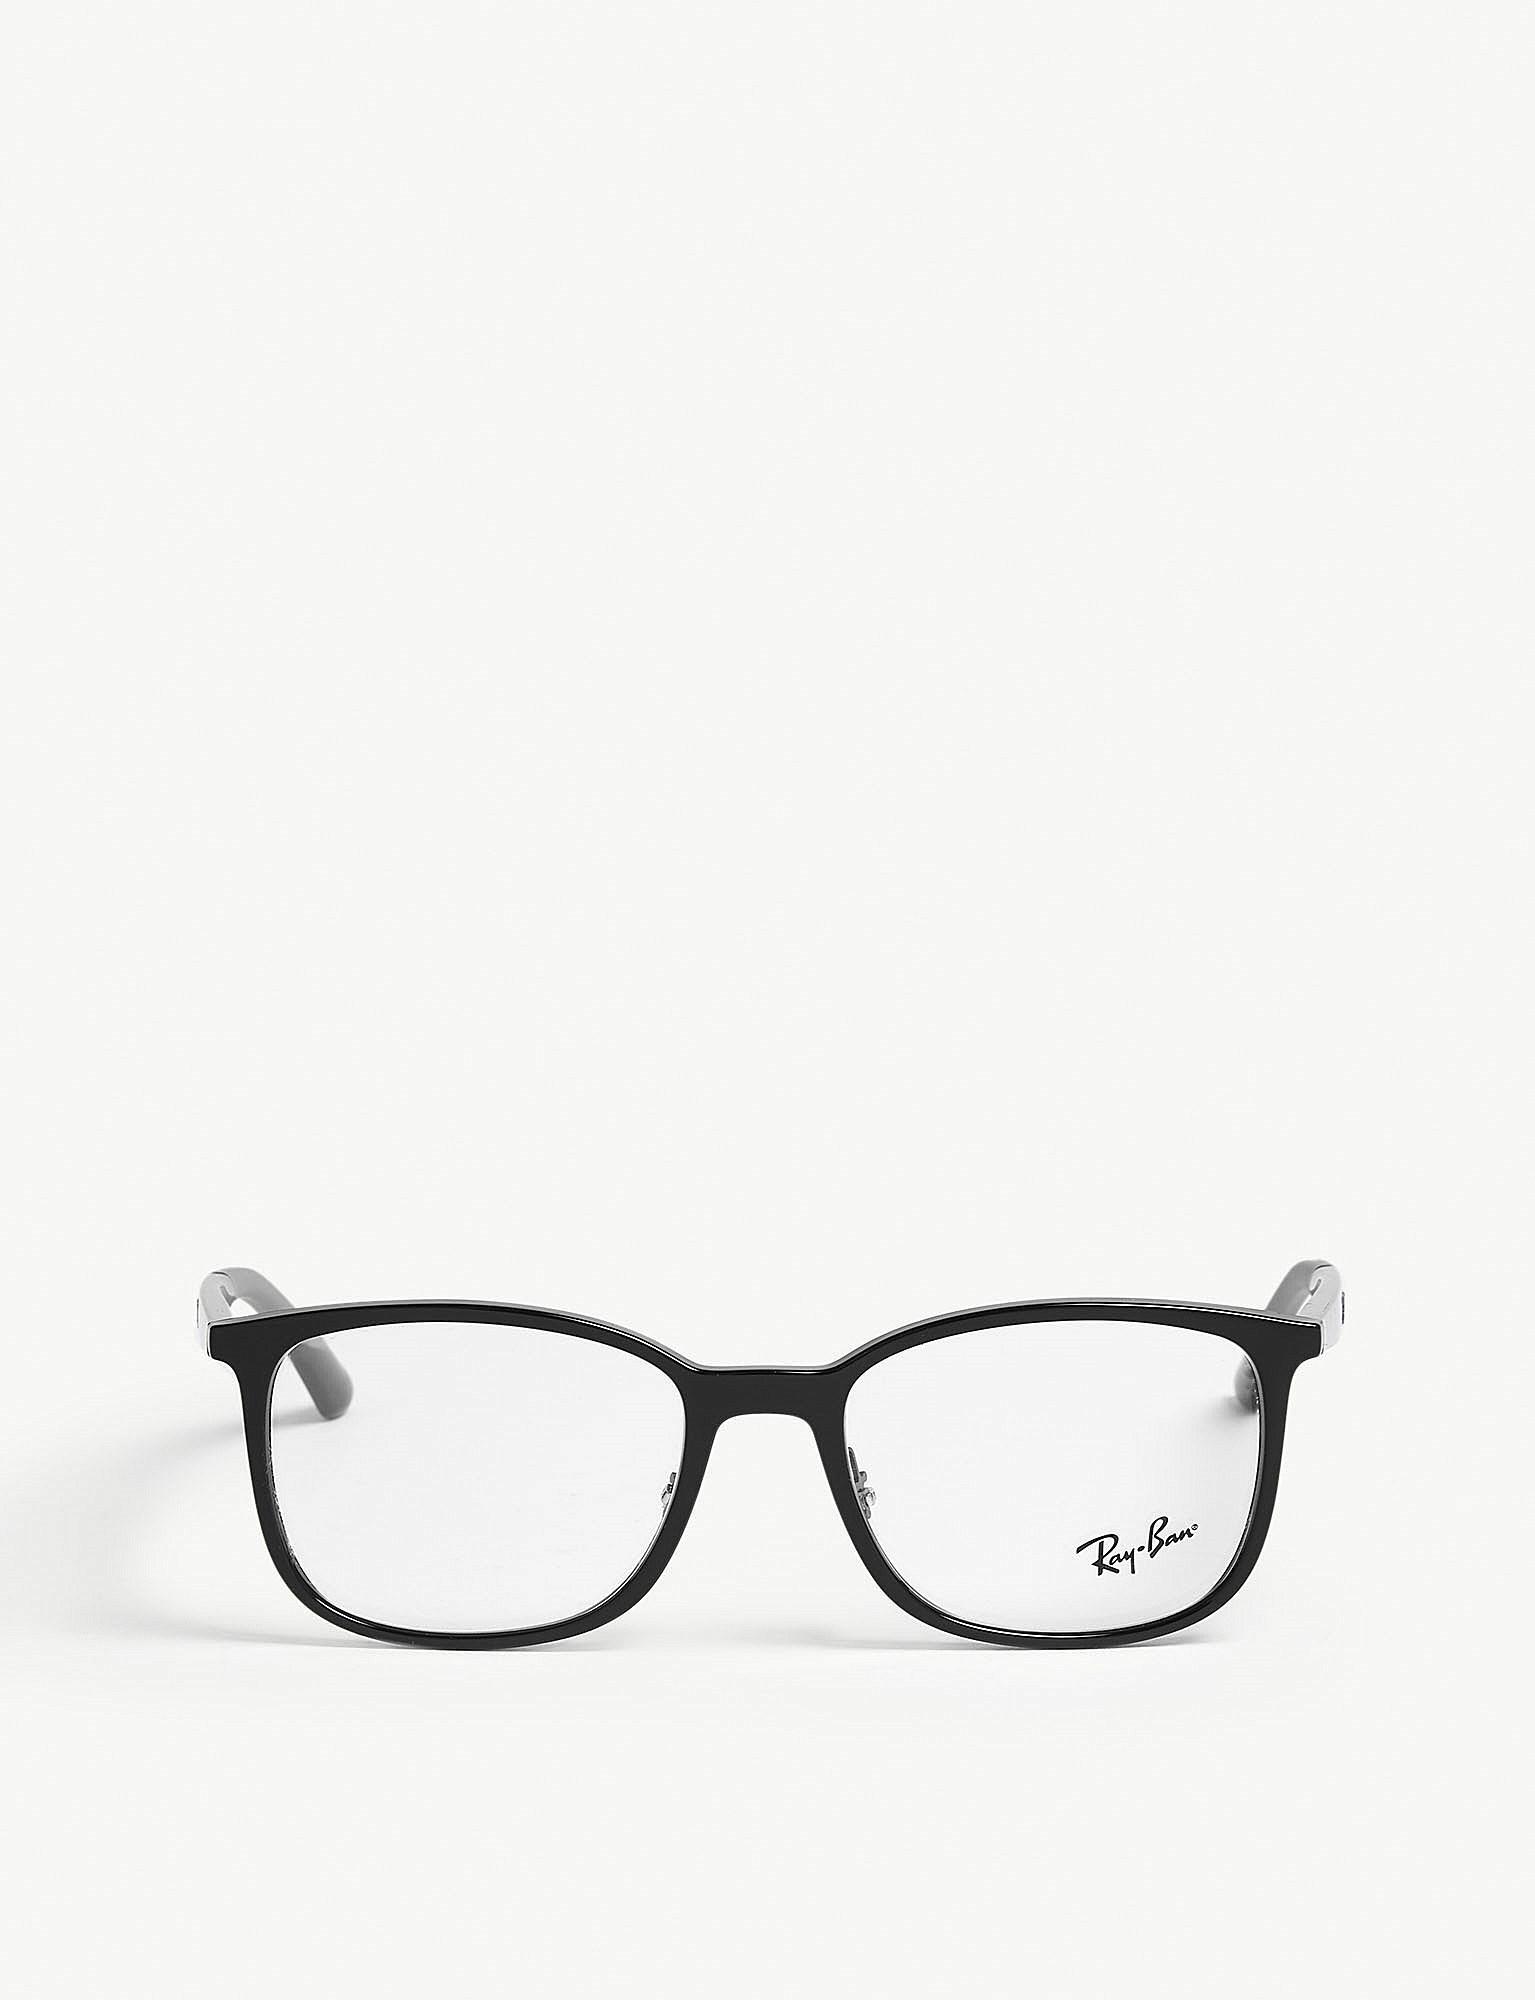 lyst ray ban rb7142 square frame optical glasses in black for men Oakley Amber Polarized Lenses view fullscreen